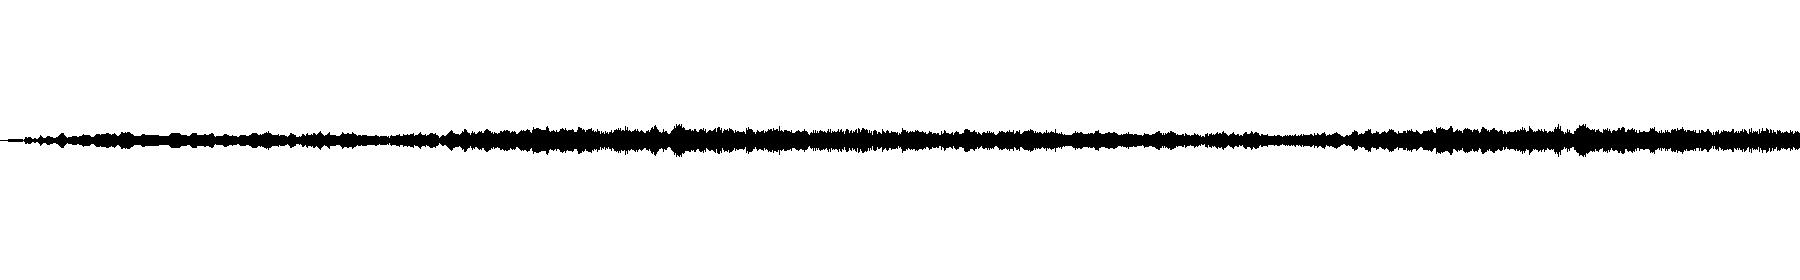 sof 106 d choirsverb